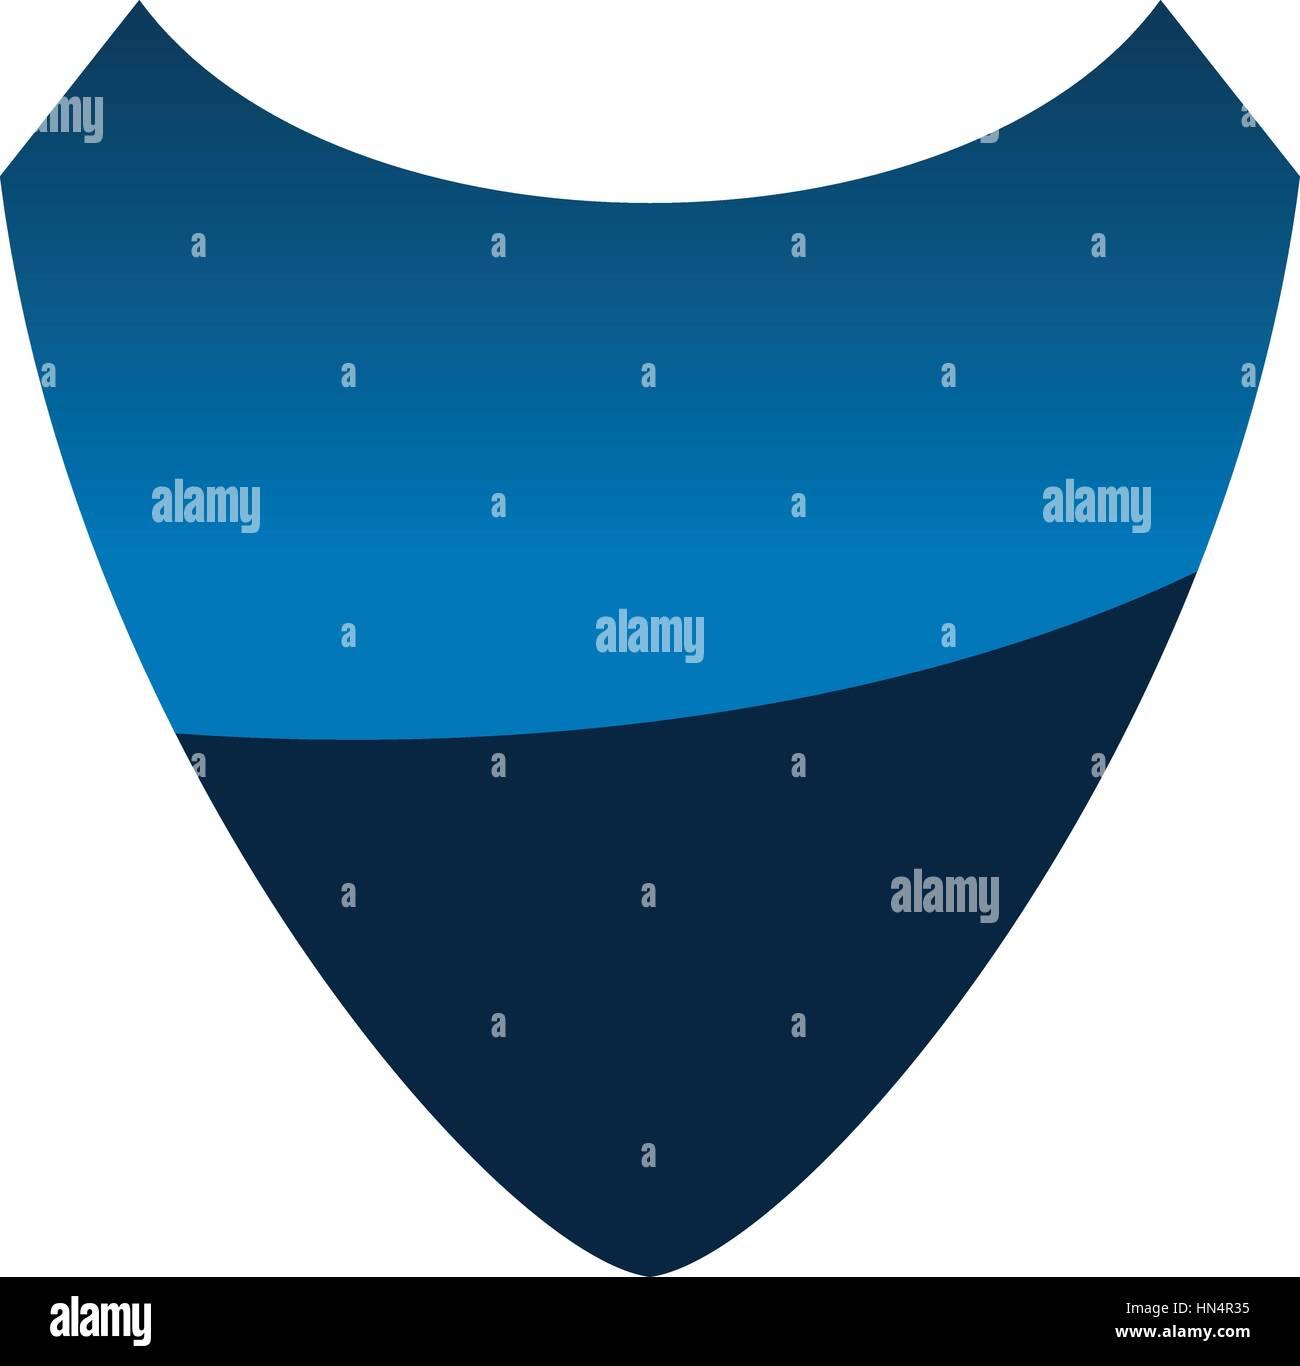 Shield Template Emblem Blank Stock Vector Art & Illustration, Vector ...